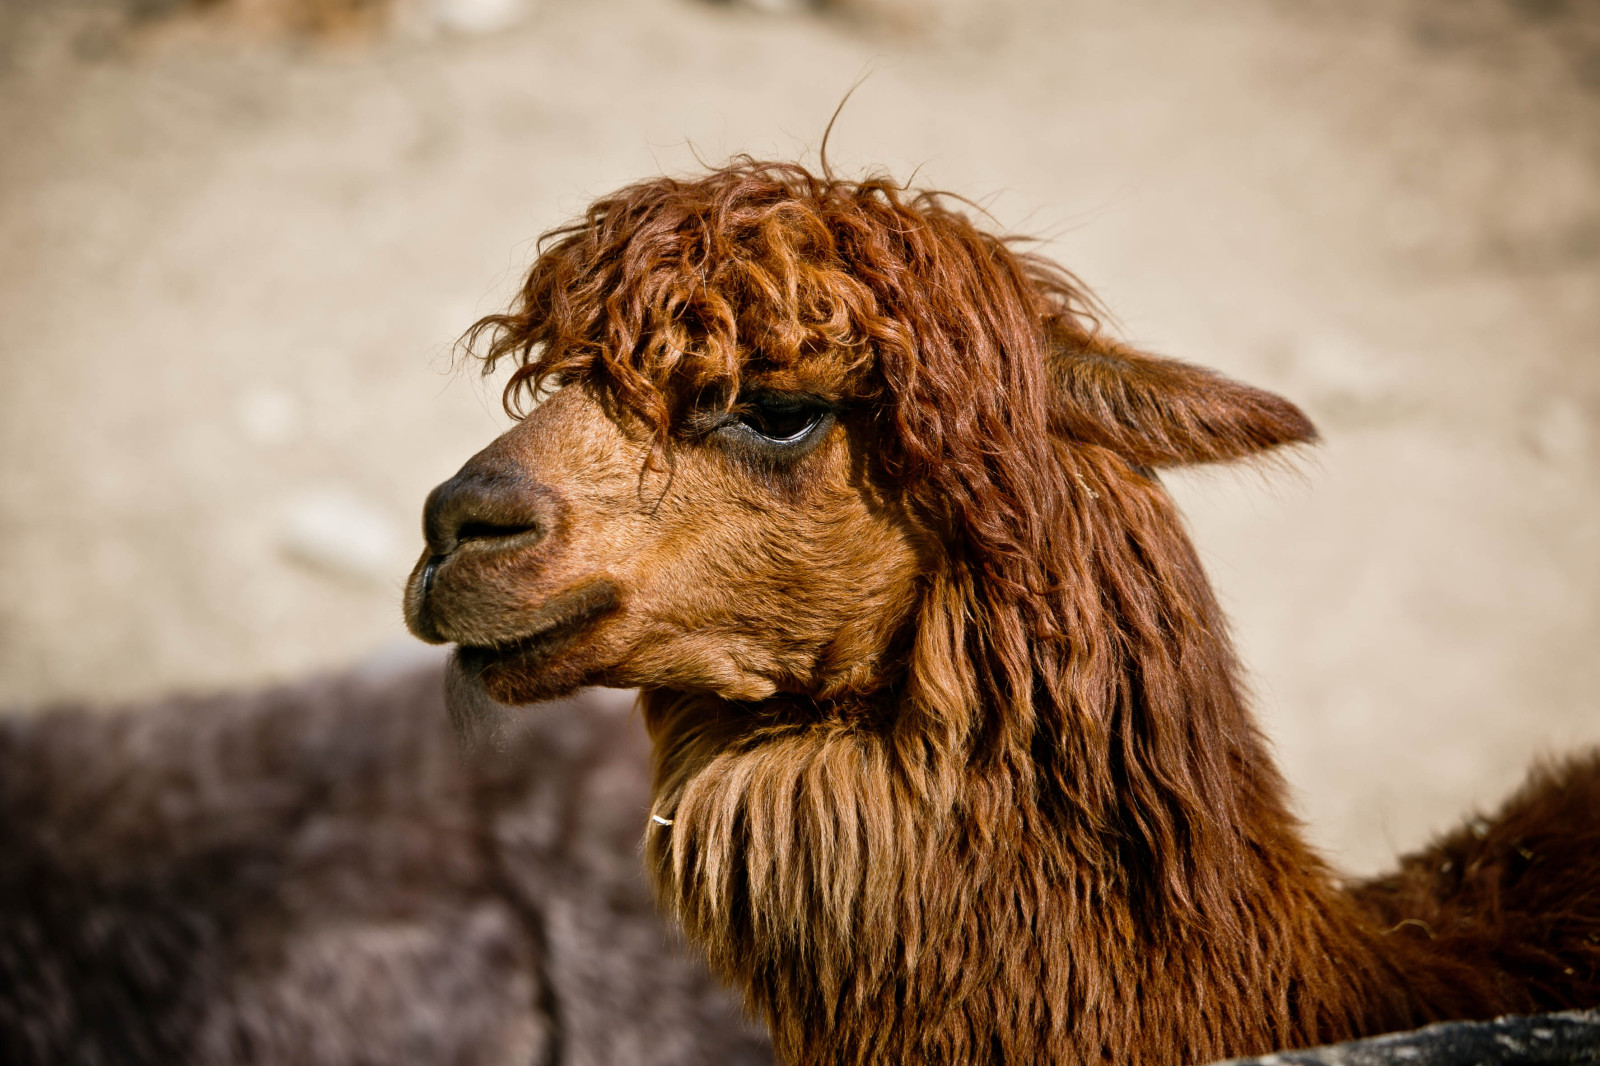 Stylisch im Zoo – die neuesten Haartrends im Alpaka Gehege